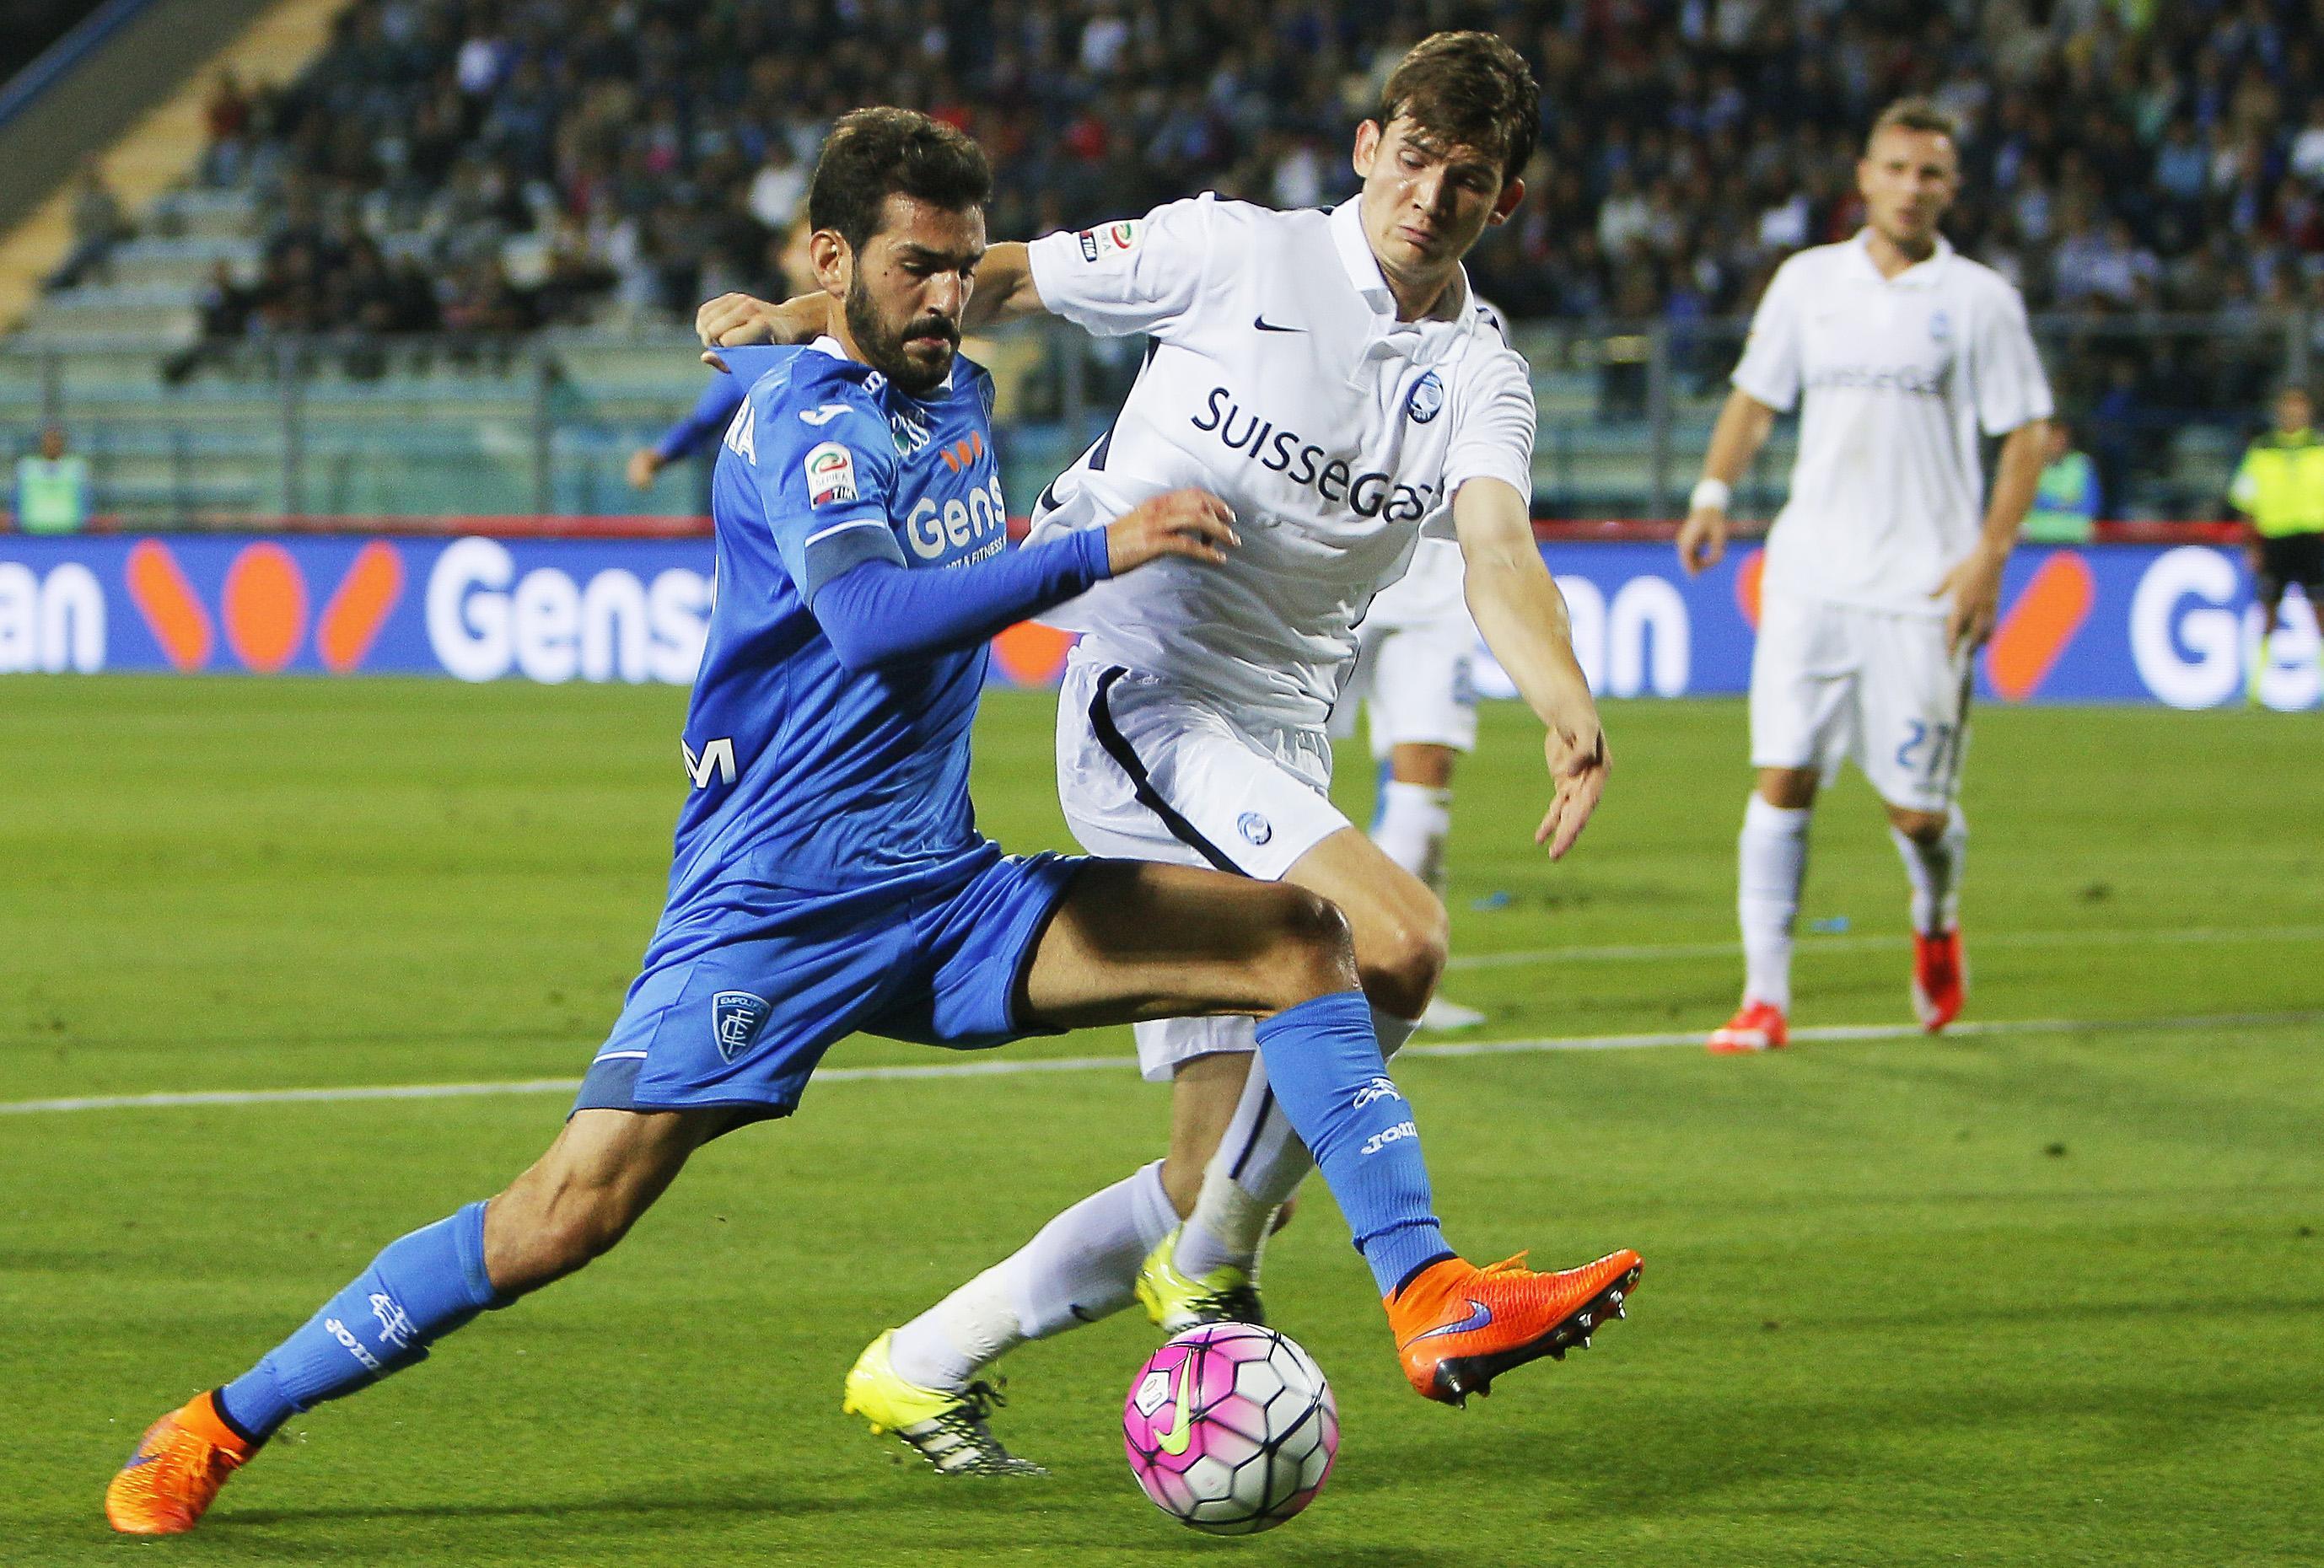 Calciomercato Napoli: Giaccherini non si muove, El Kaddouri ai saluti